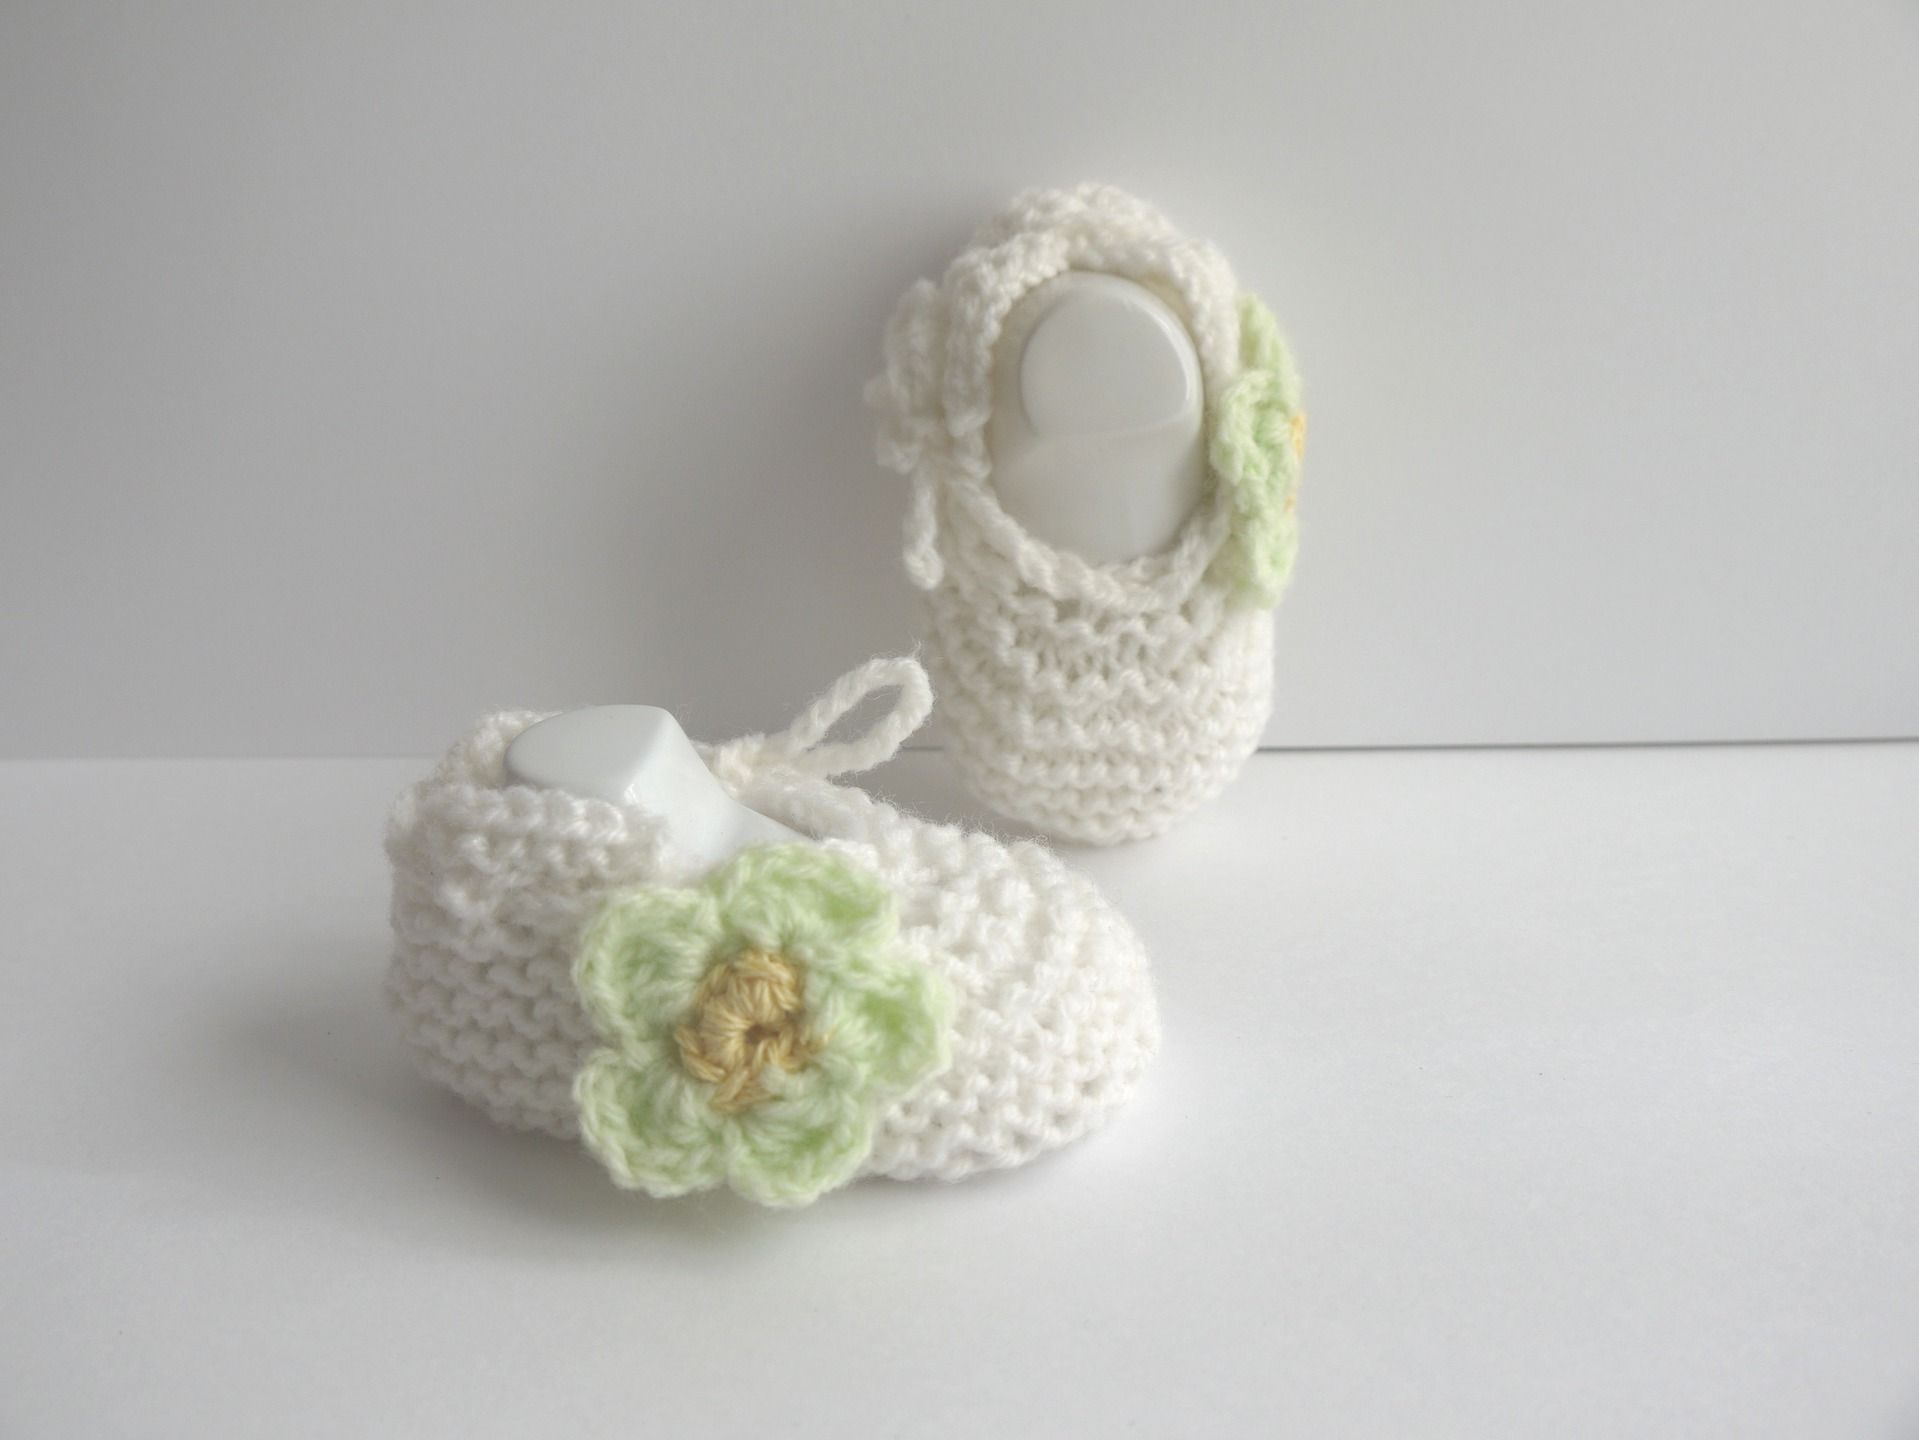 bada8071f91c9 ballerines bébé chaussons naissance 0 1 mois Blanc Fleur vert clair lacets    Mode Bébé